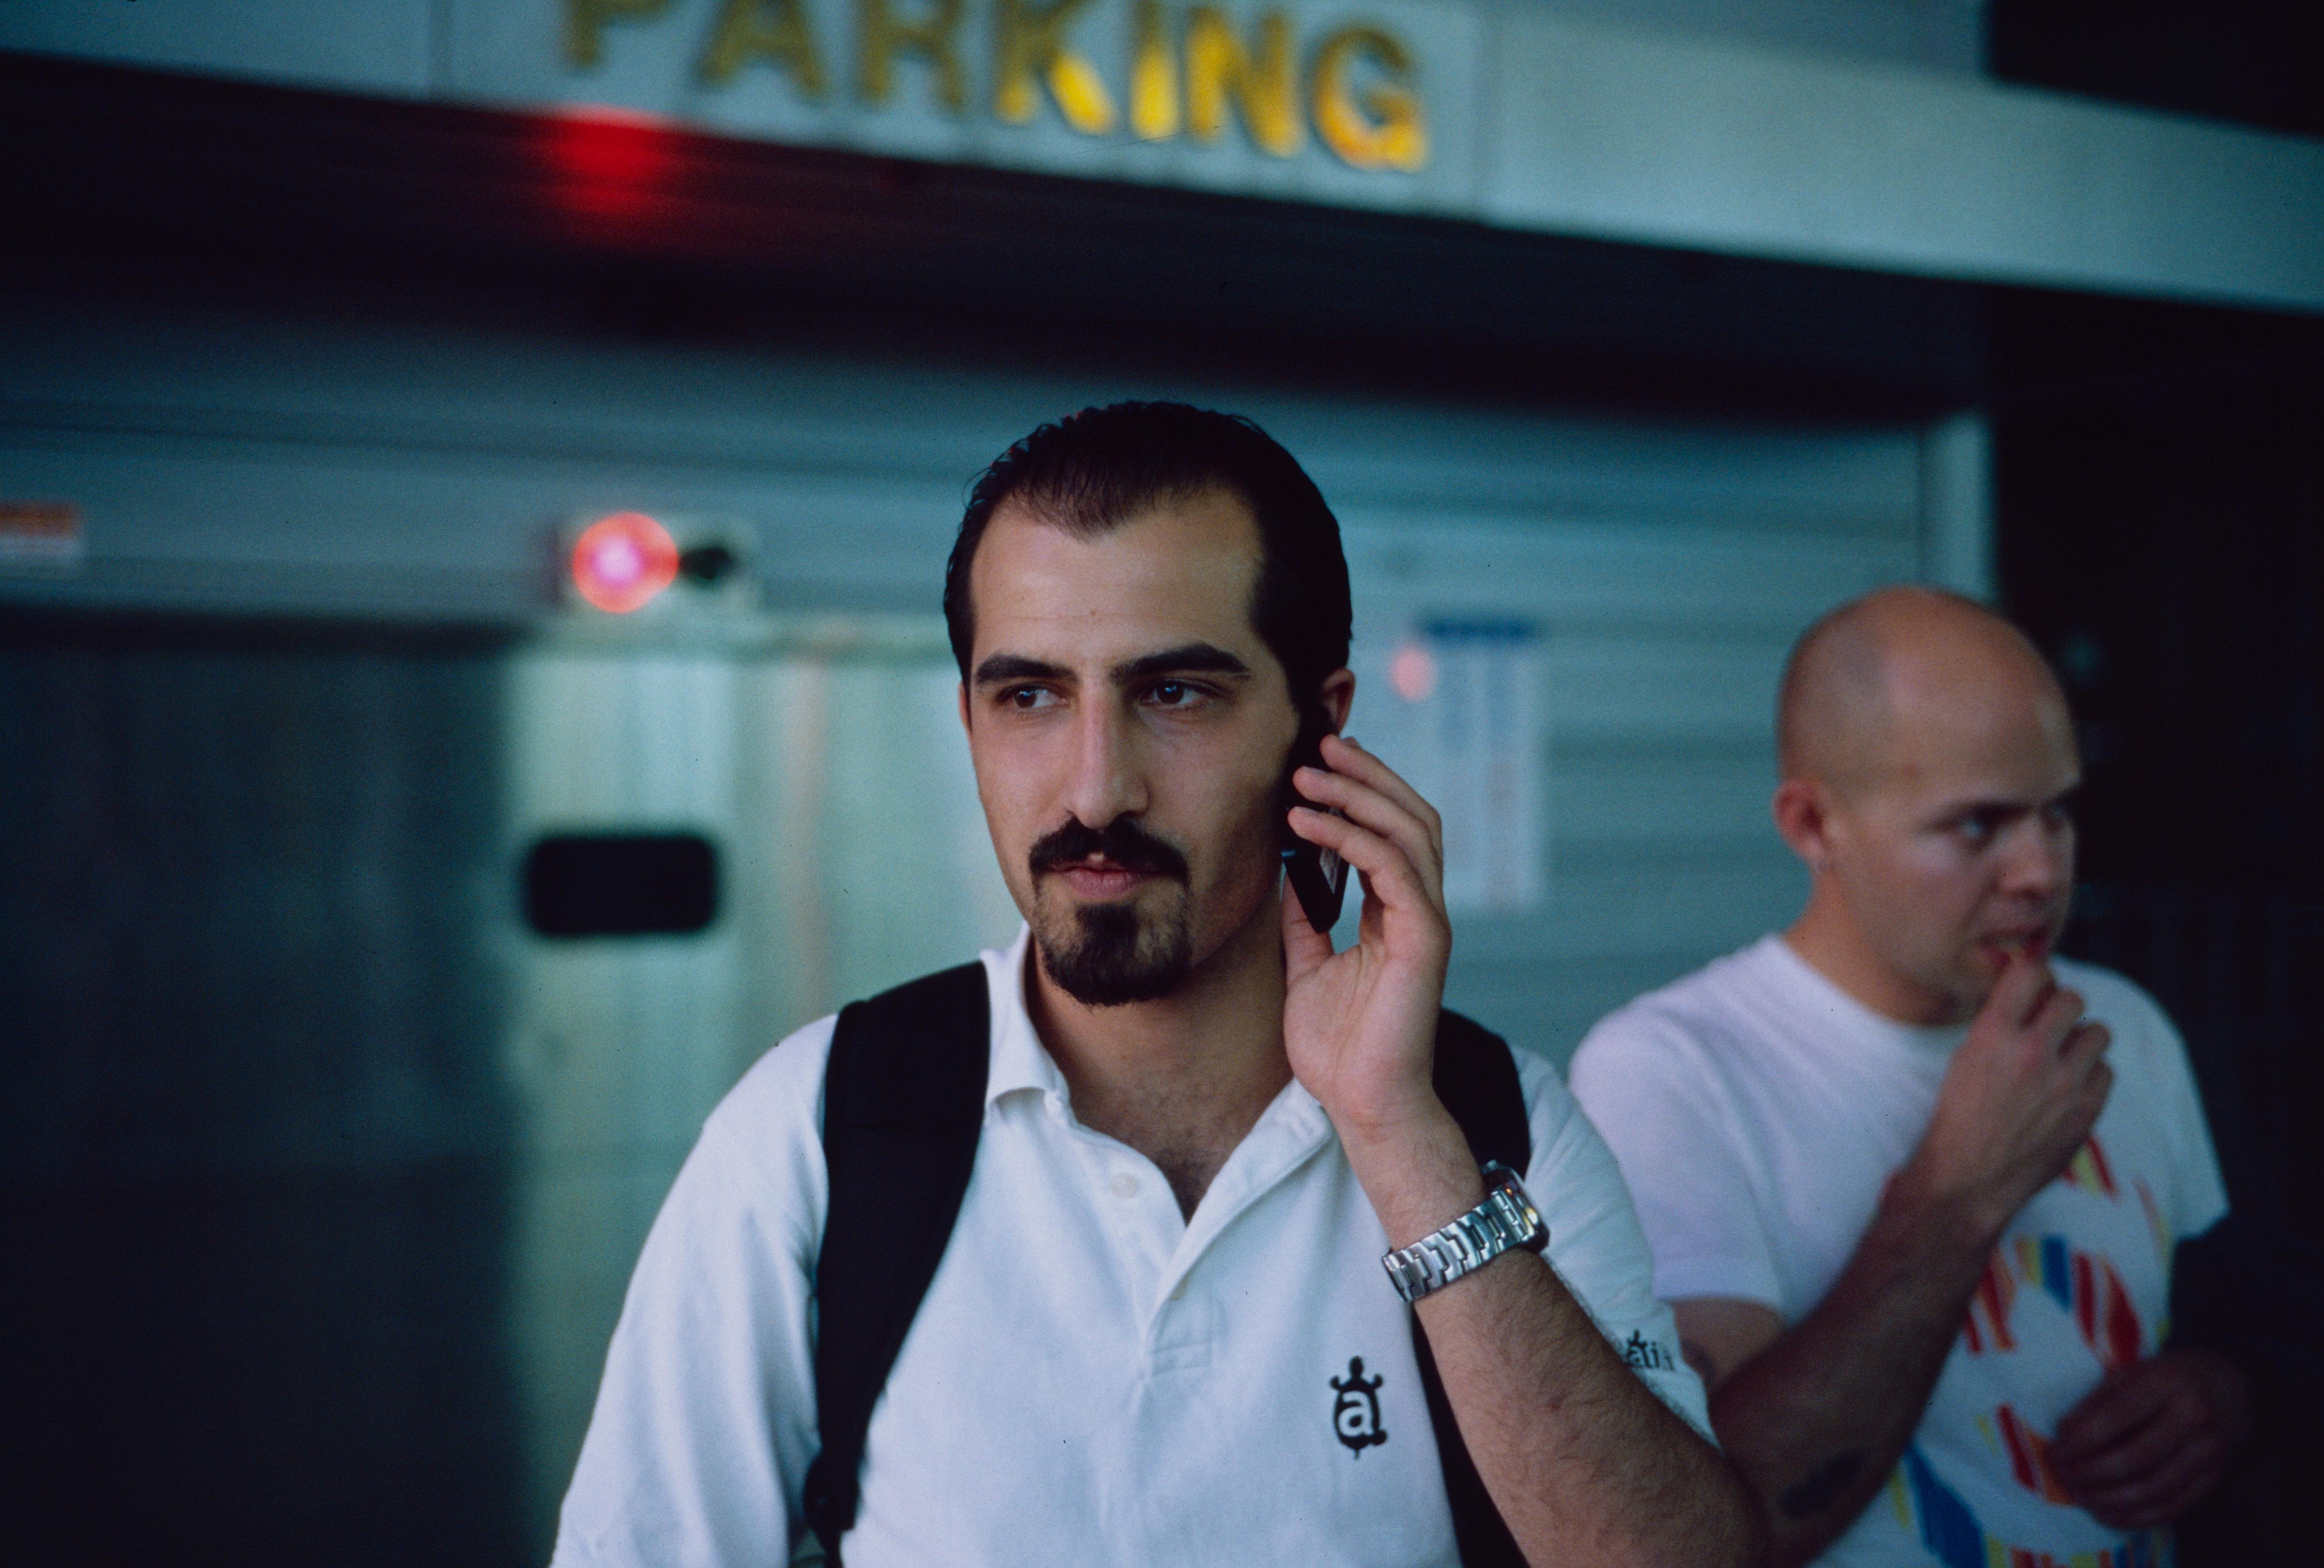 Уикипедианецът и активист за отворен код Басел Картабил е отведен от сирийски затвор и заведен на неизвестно място. Снимка от Christopher Lee Adams, обществено достояние.